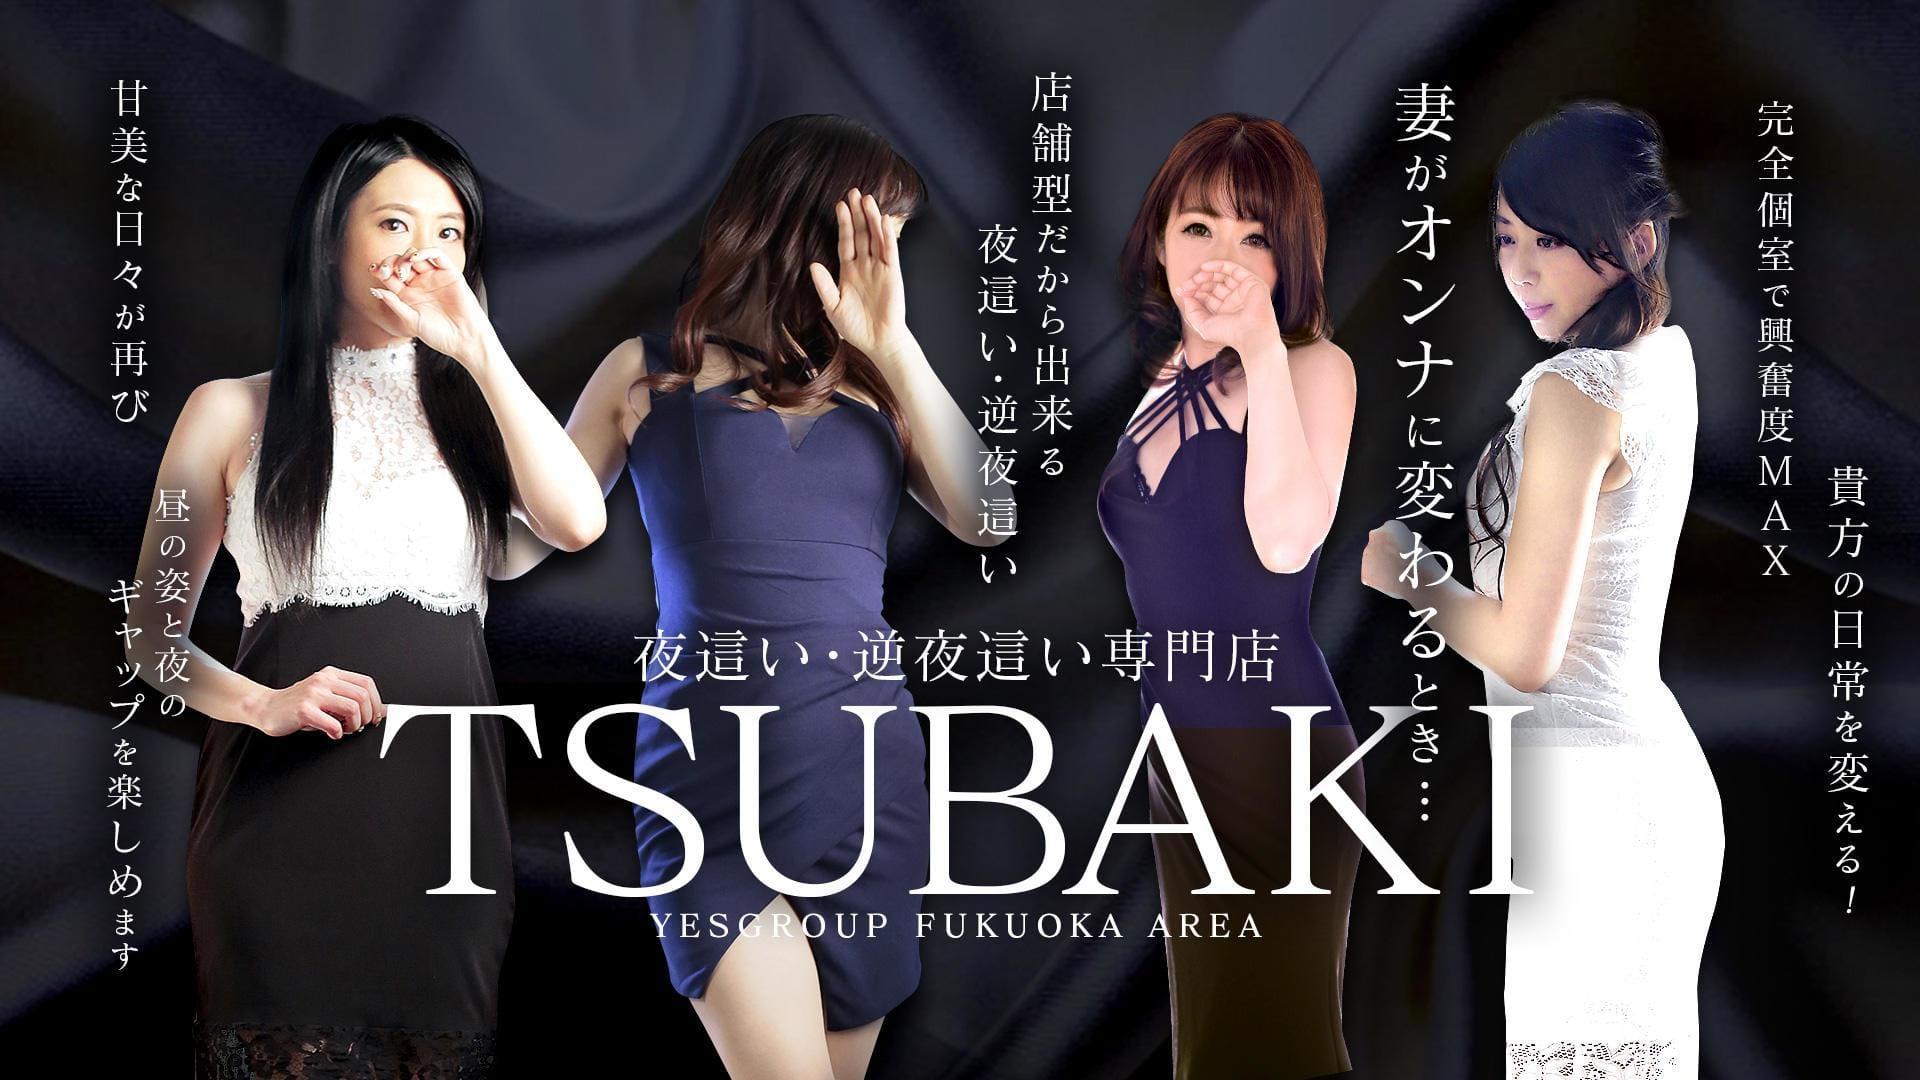 イエスグループ福岡 TSUBAKI